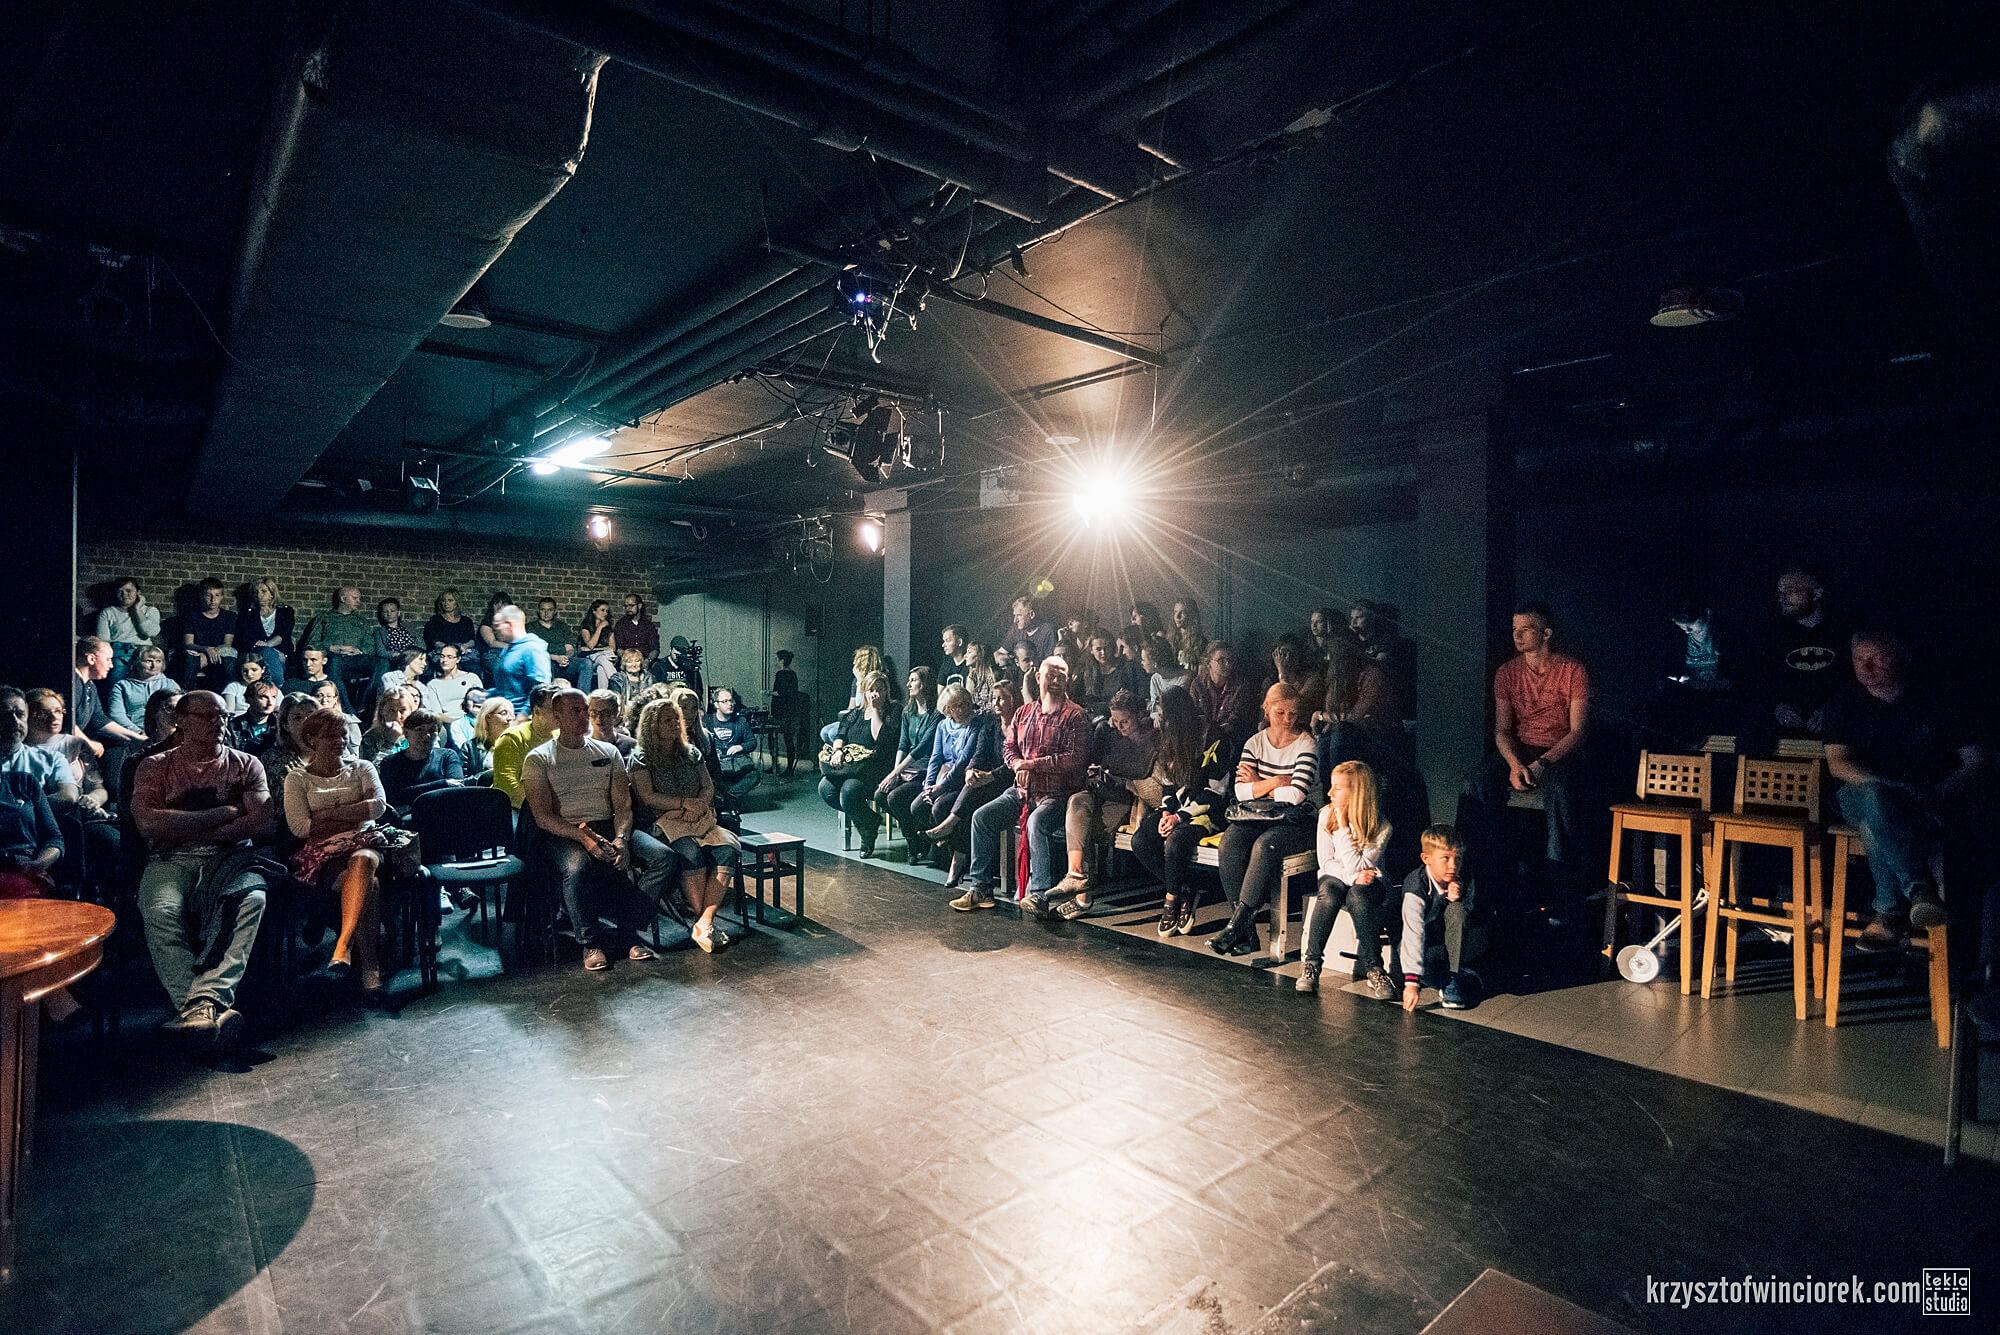 Zdjęcie z festiwalu Pociąg do miasta. Publicznosc siedząca na widowni teatralnej.